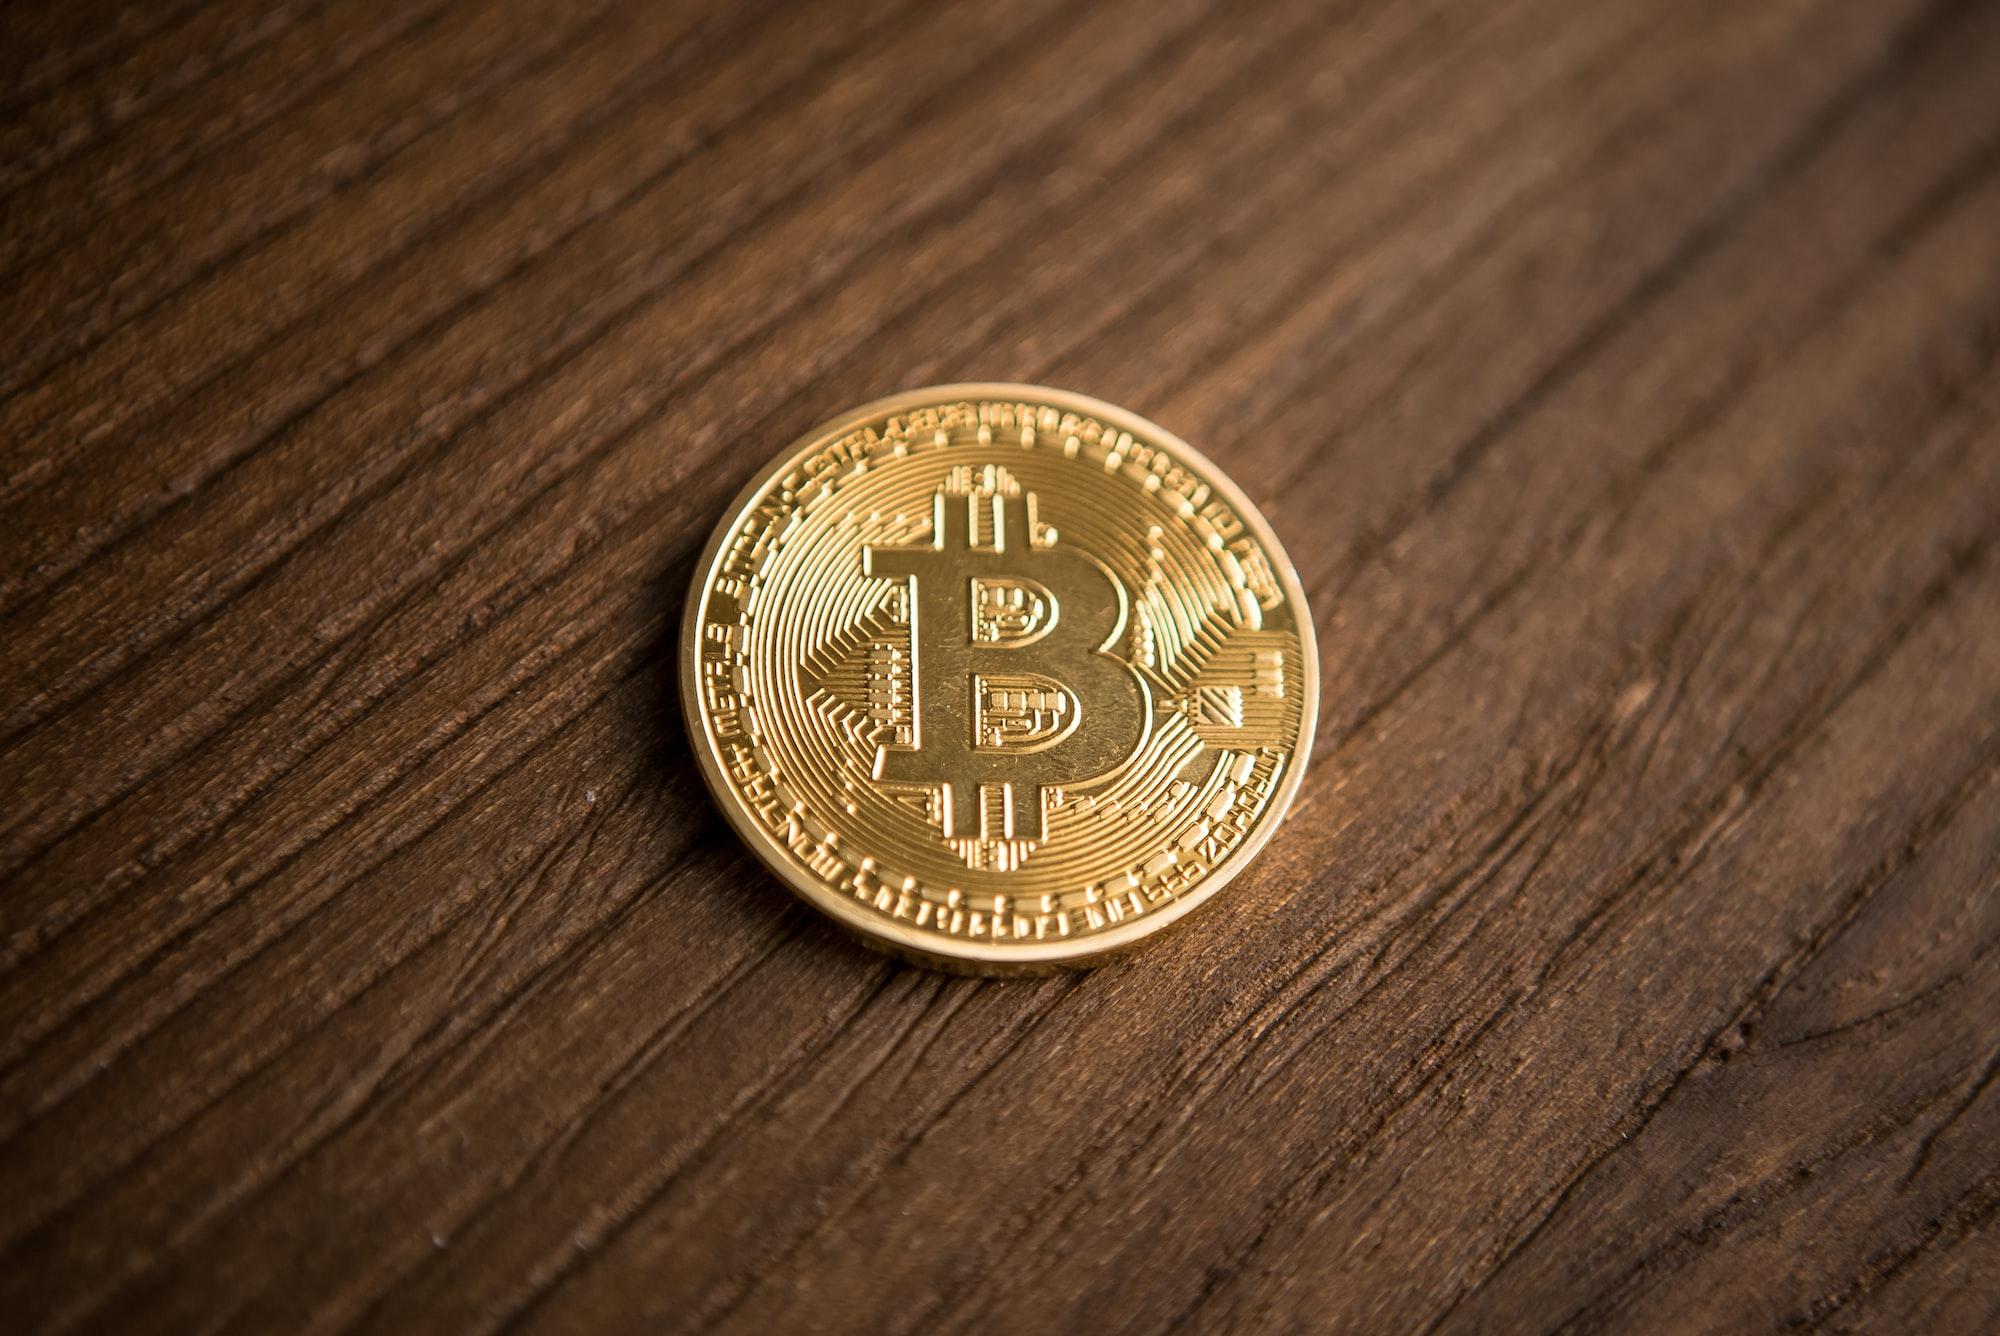 Bitcoin เหลือให้ขุดเพียง 2.5 ล้านเหรียญเท่านั้น